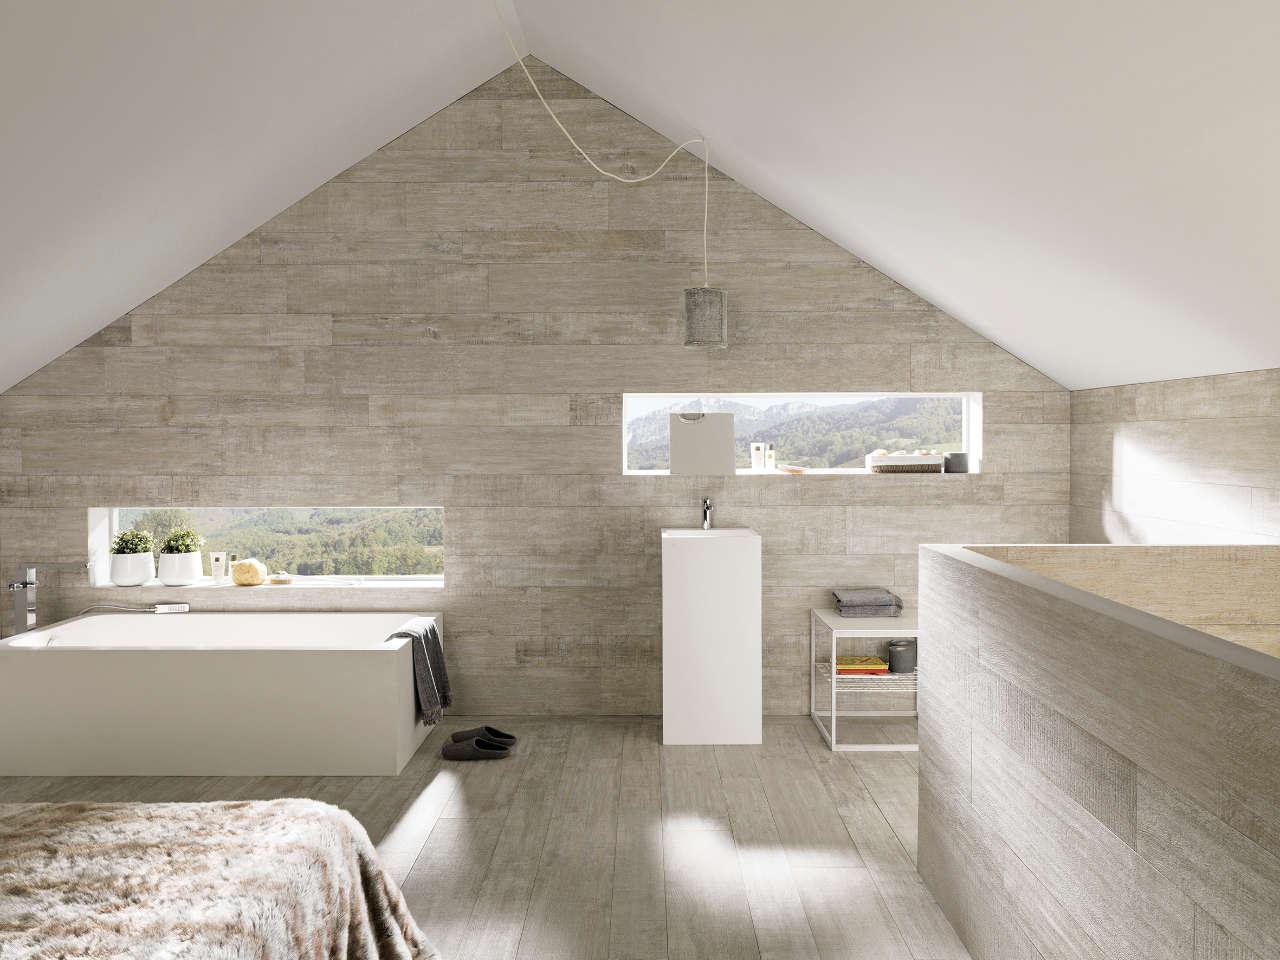 Madera cer mica par ker para espacios con personalidad - Pavimentos ceramicos interiores ...